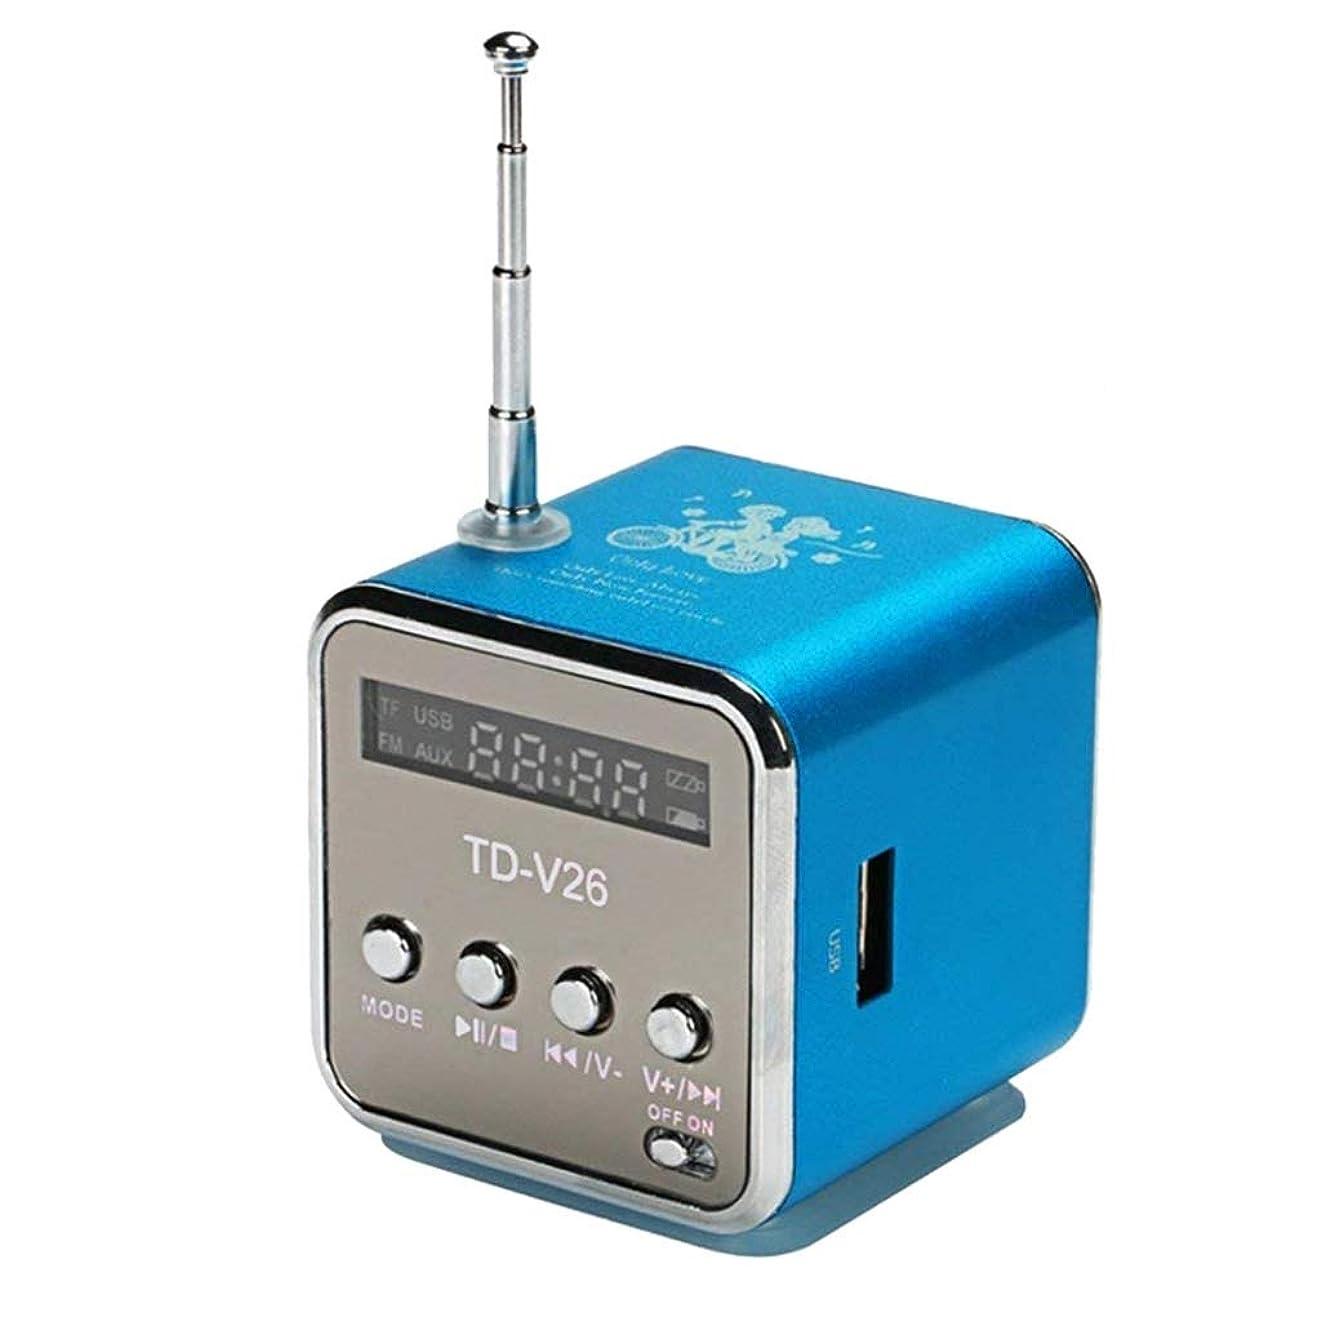 測る納屋腸大声で話す優秀なレセプションバックライトスリープラジオサポートマイクロTFカードとバンドポータブルラジオ受信機 (Color : Blue, サイズ : Standard)